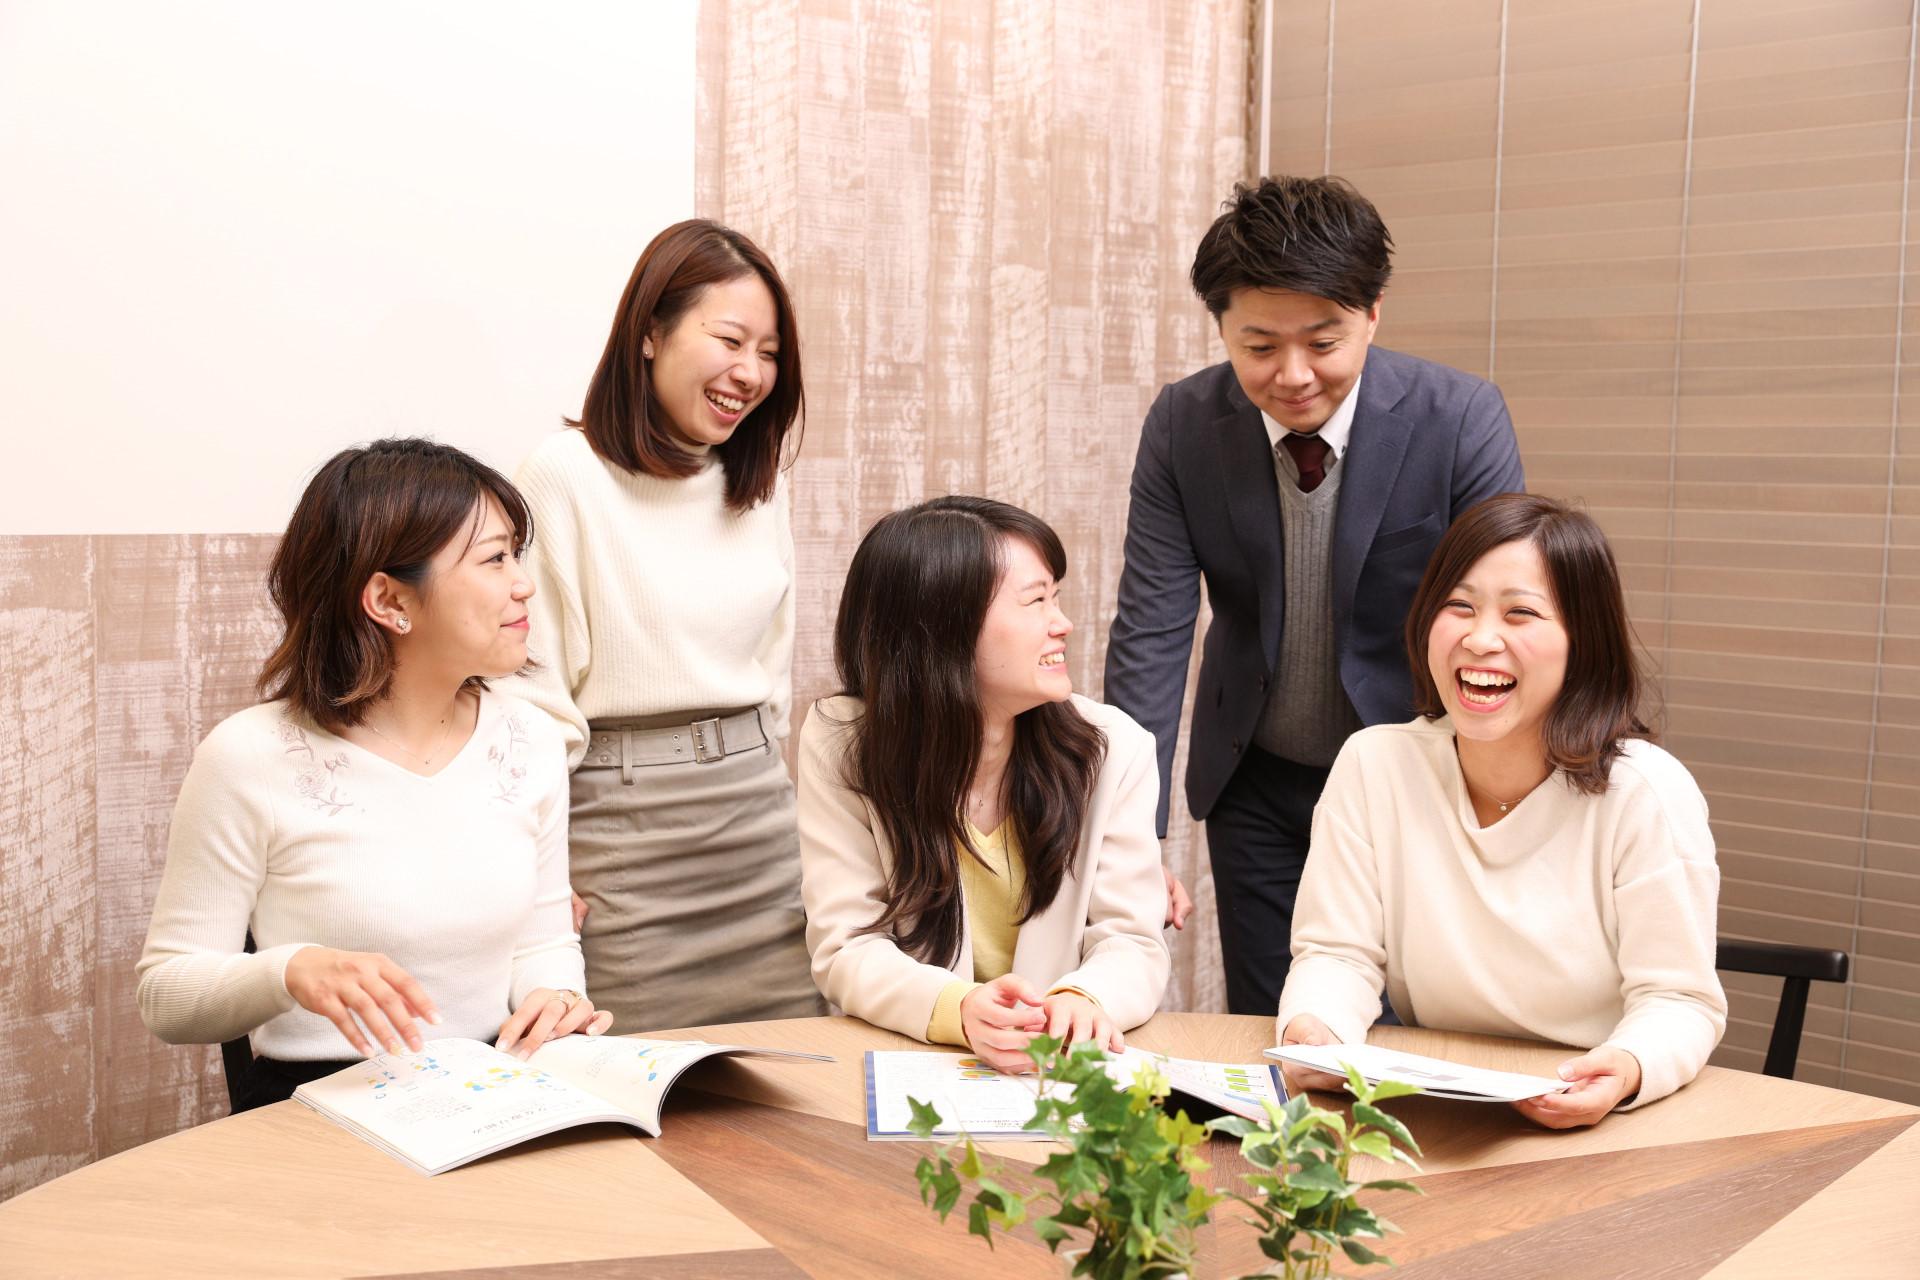 若手ばかりのプロジェクトだからこそ、「チーム」の力がクライアントからの信頼に。